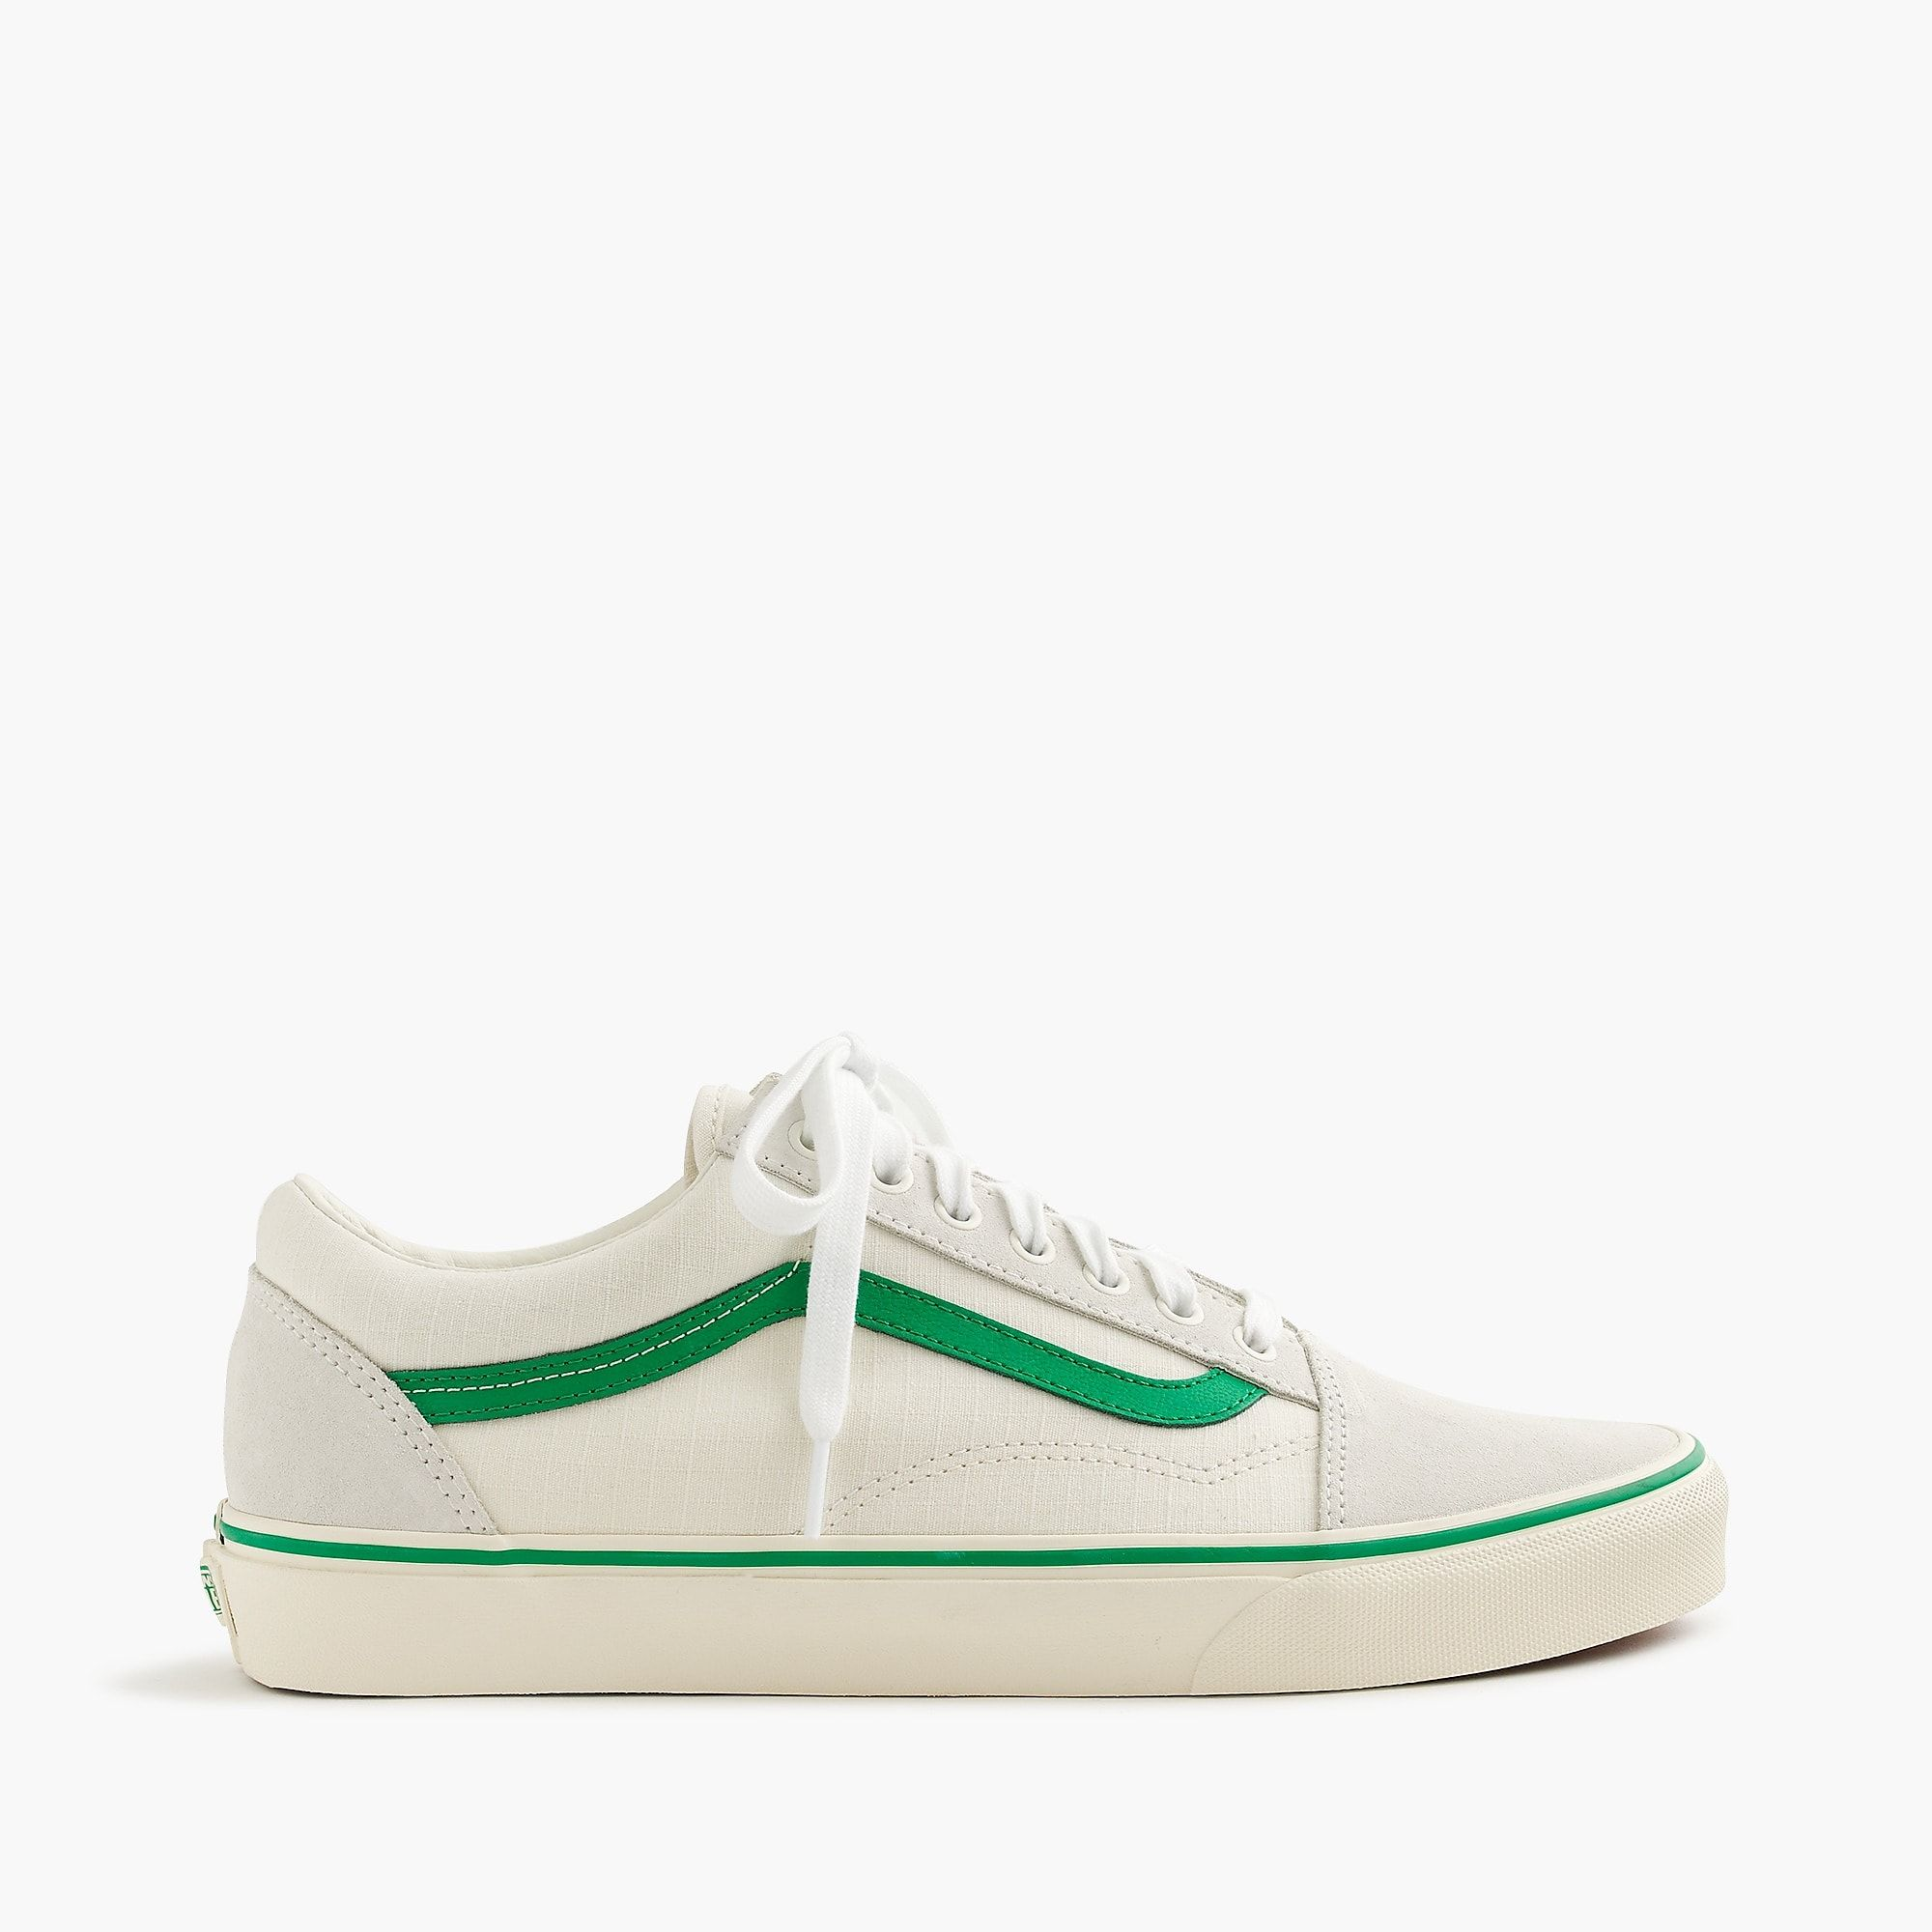 Vans® for J.Crew Old Skool sneakers in